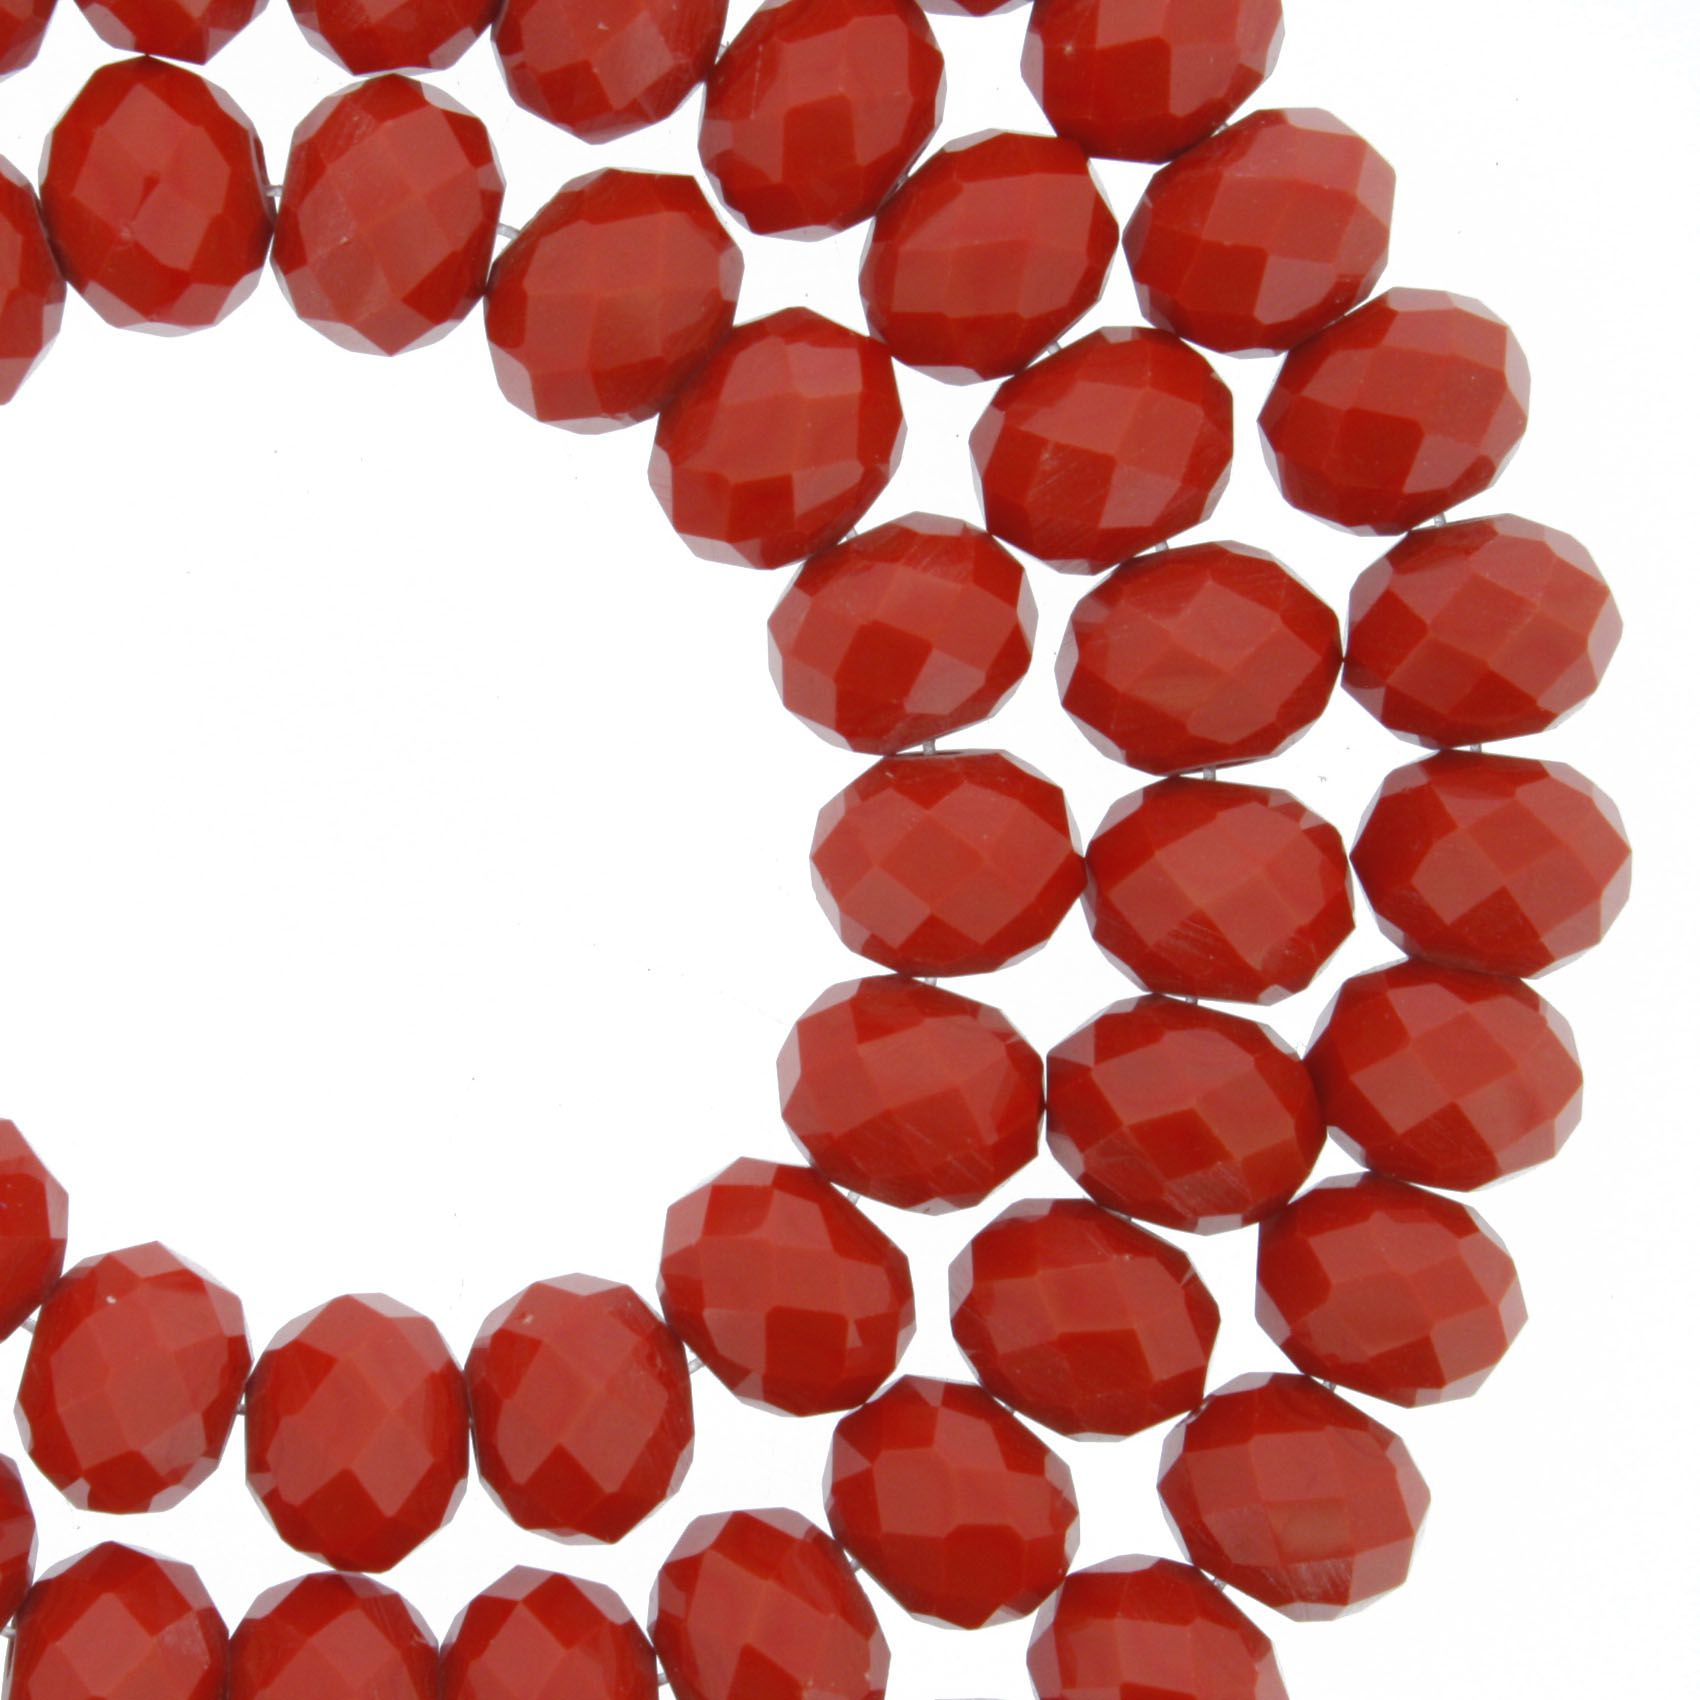 Fio de Cristal - Flat® - Vermelho - 8mm  - Stéphanie Bijoux® - Peças para Bijuterias e Artesanato